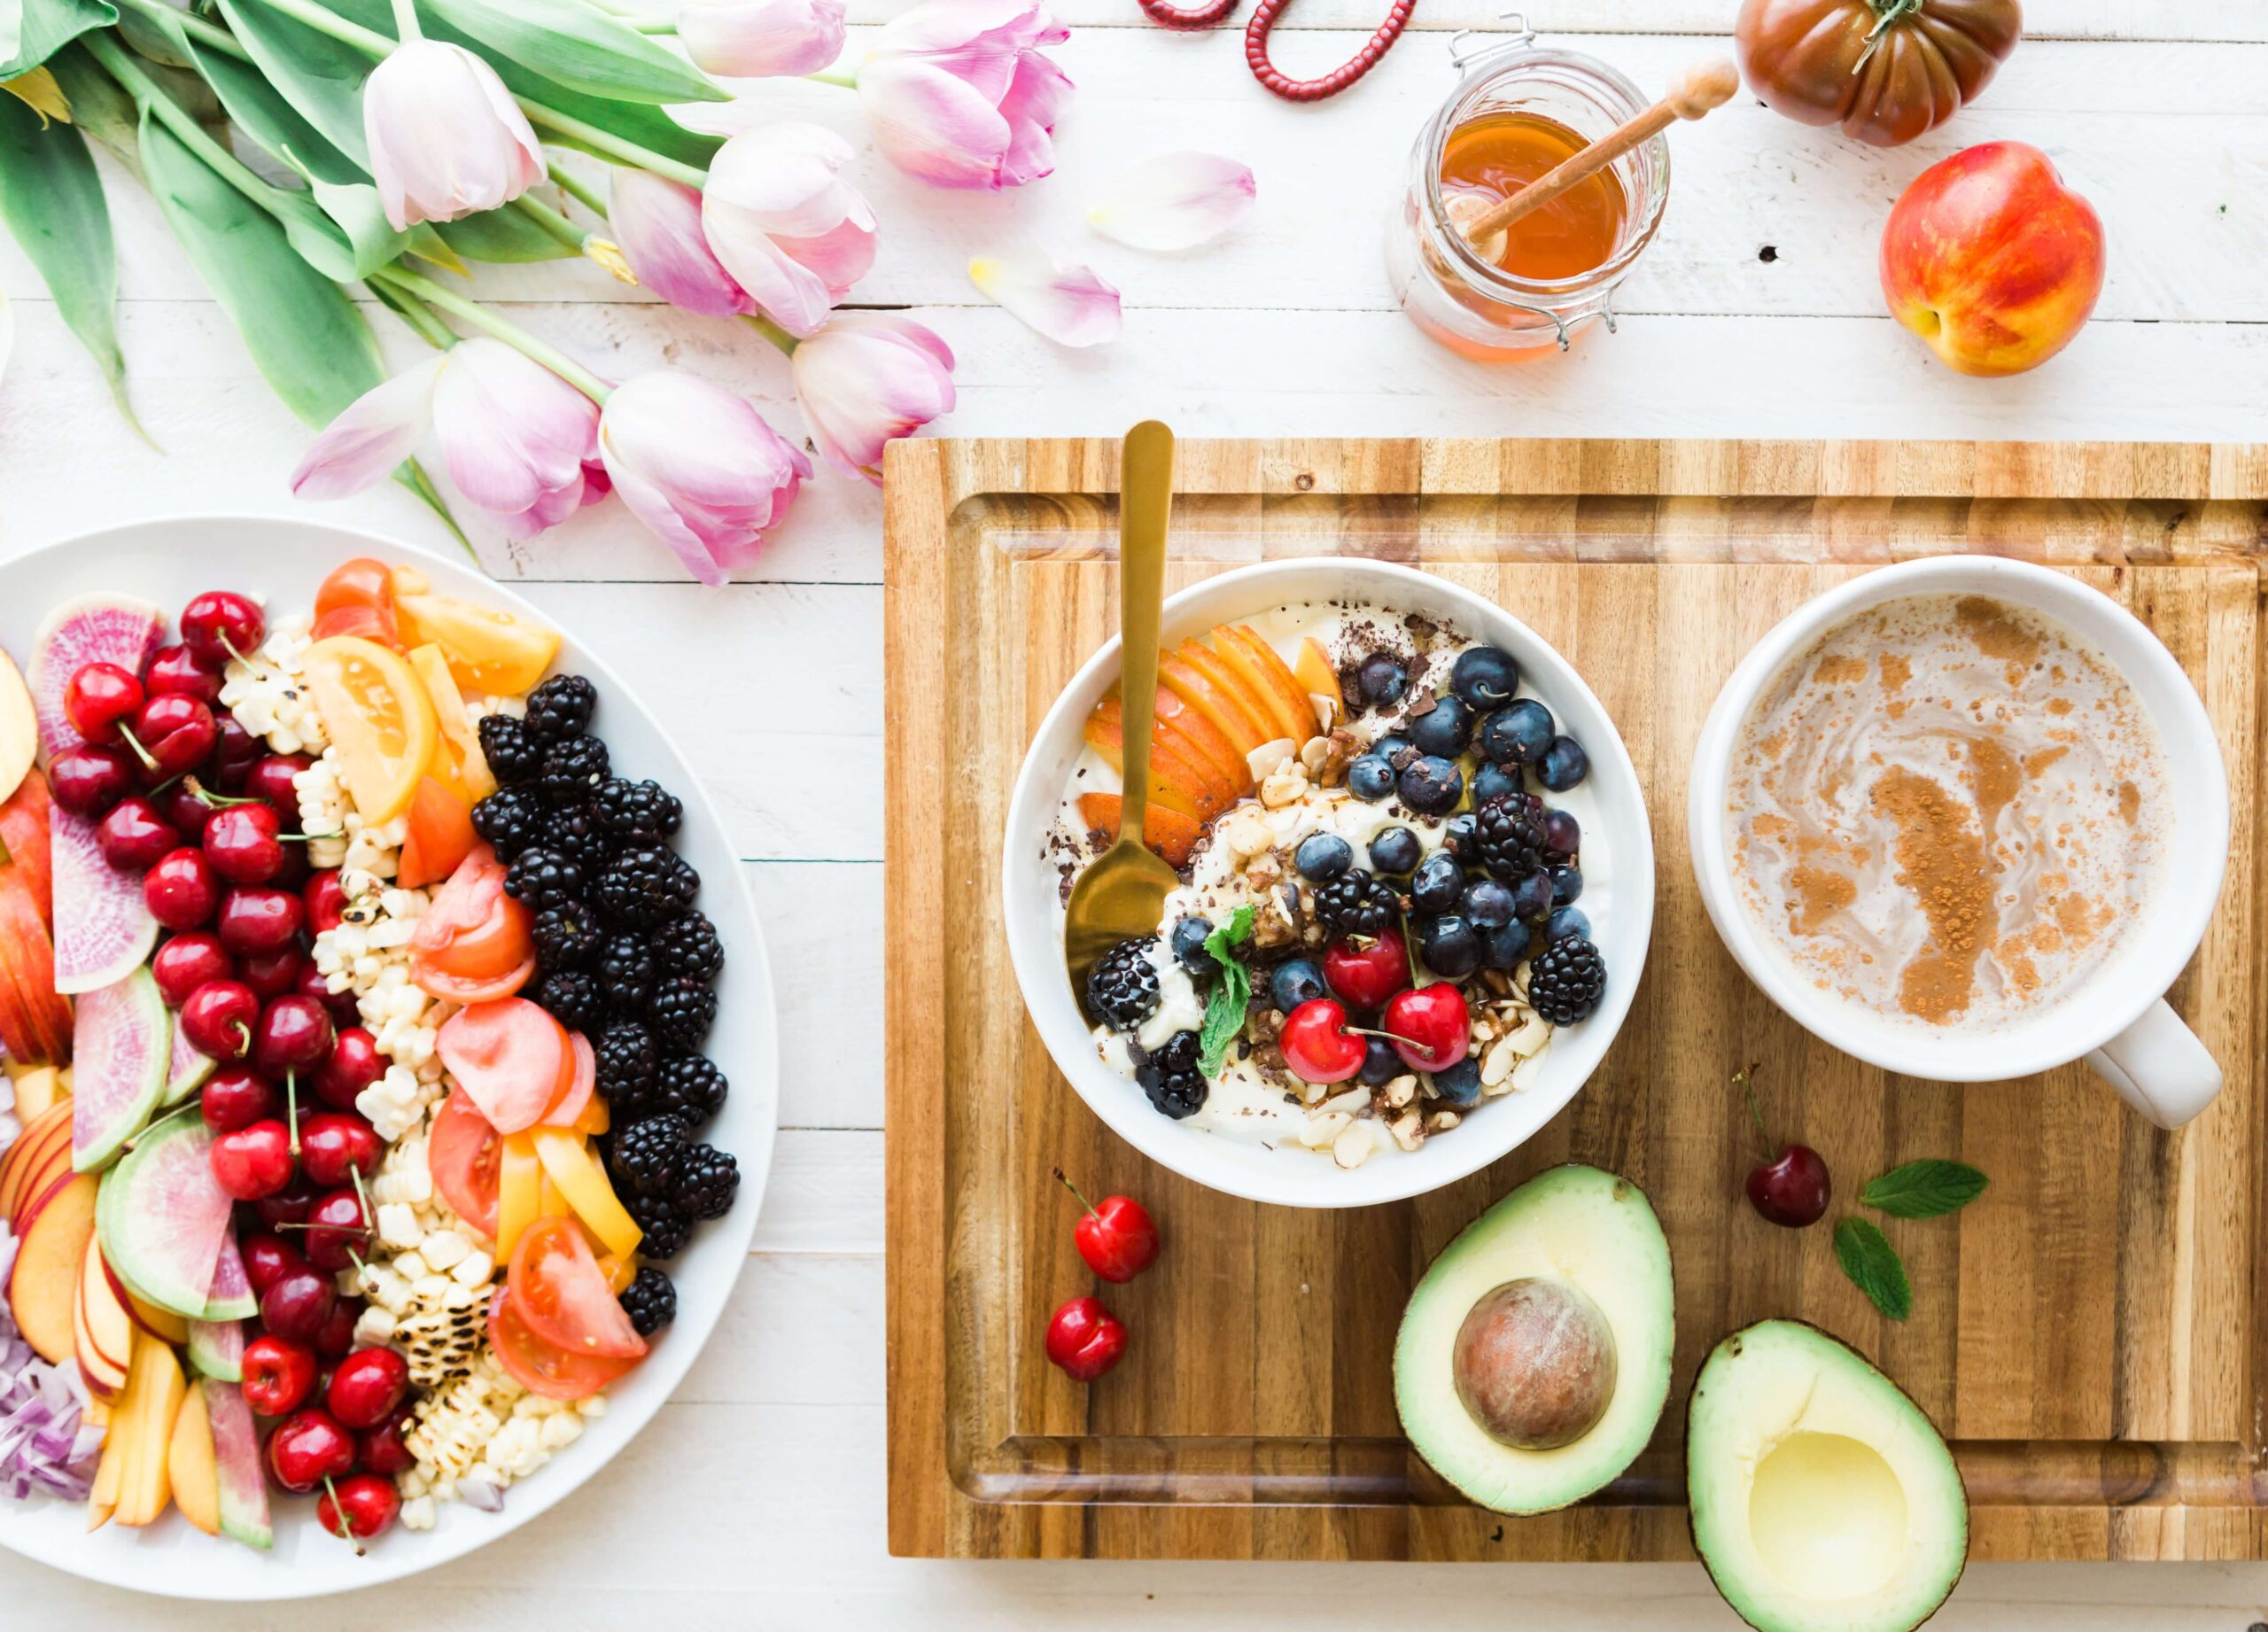 Ricette per colazioni e merende sane e gustose